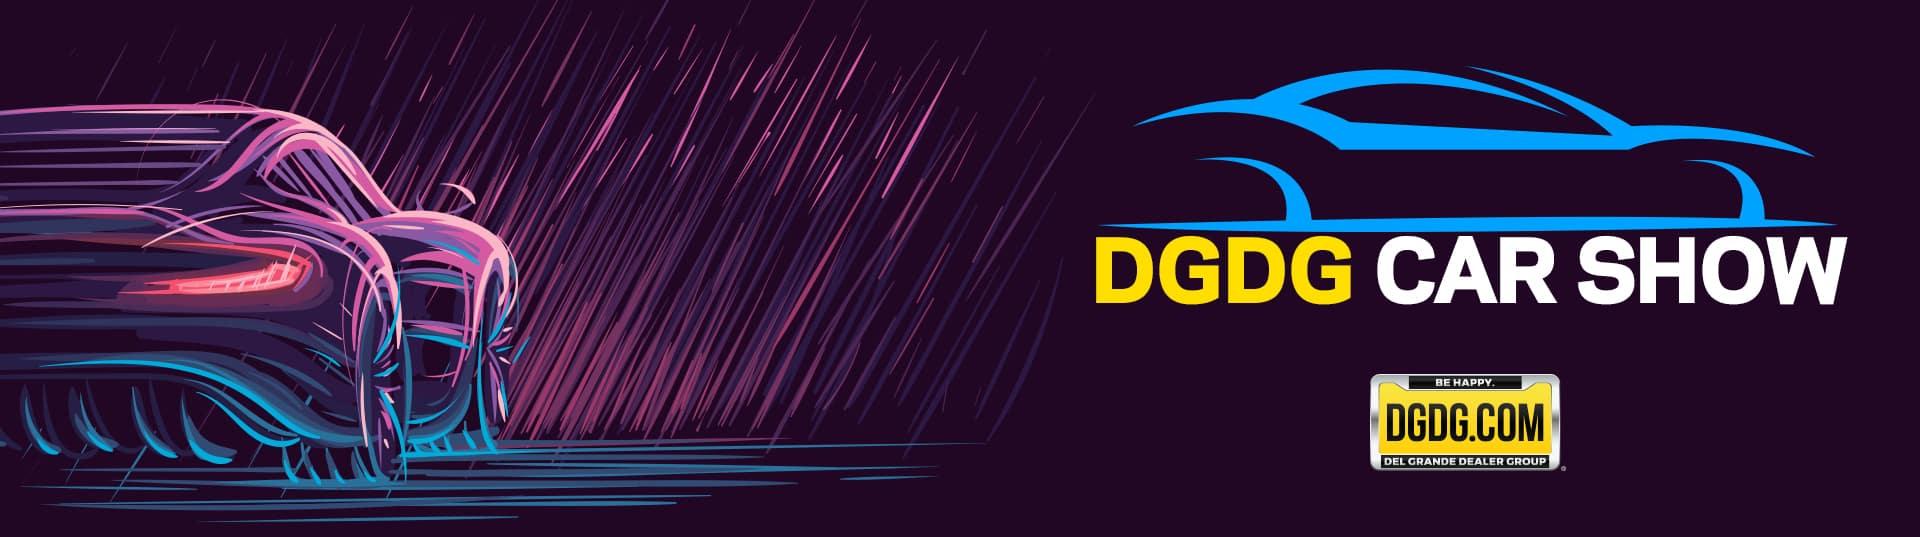 DGDG Car Show